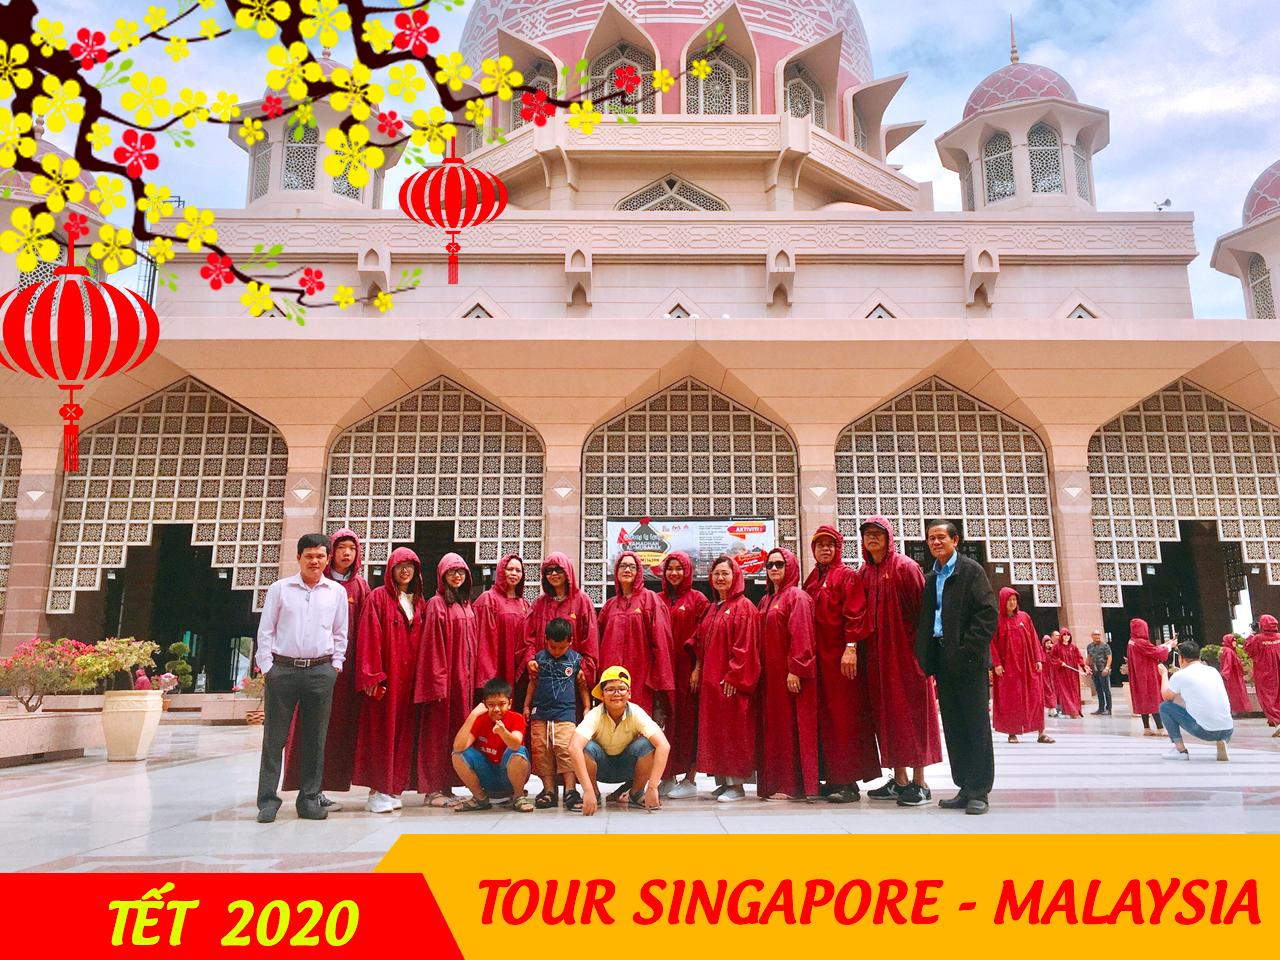 Tour Singapore Malaysia 5 ngày 4 đêm Tết Dương Lịch 2020